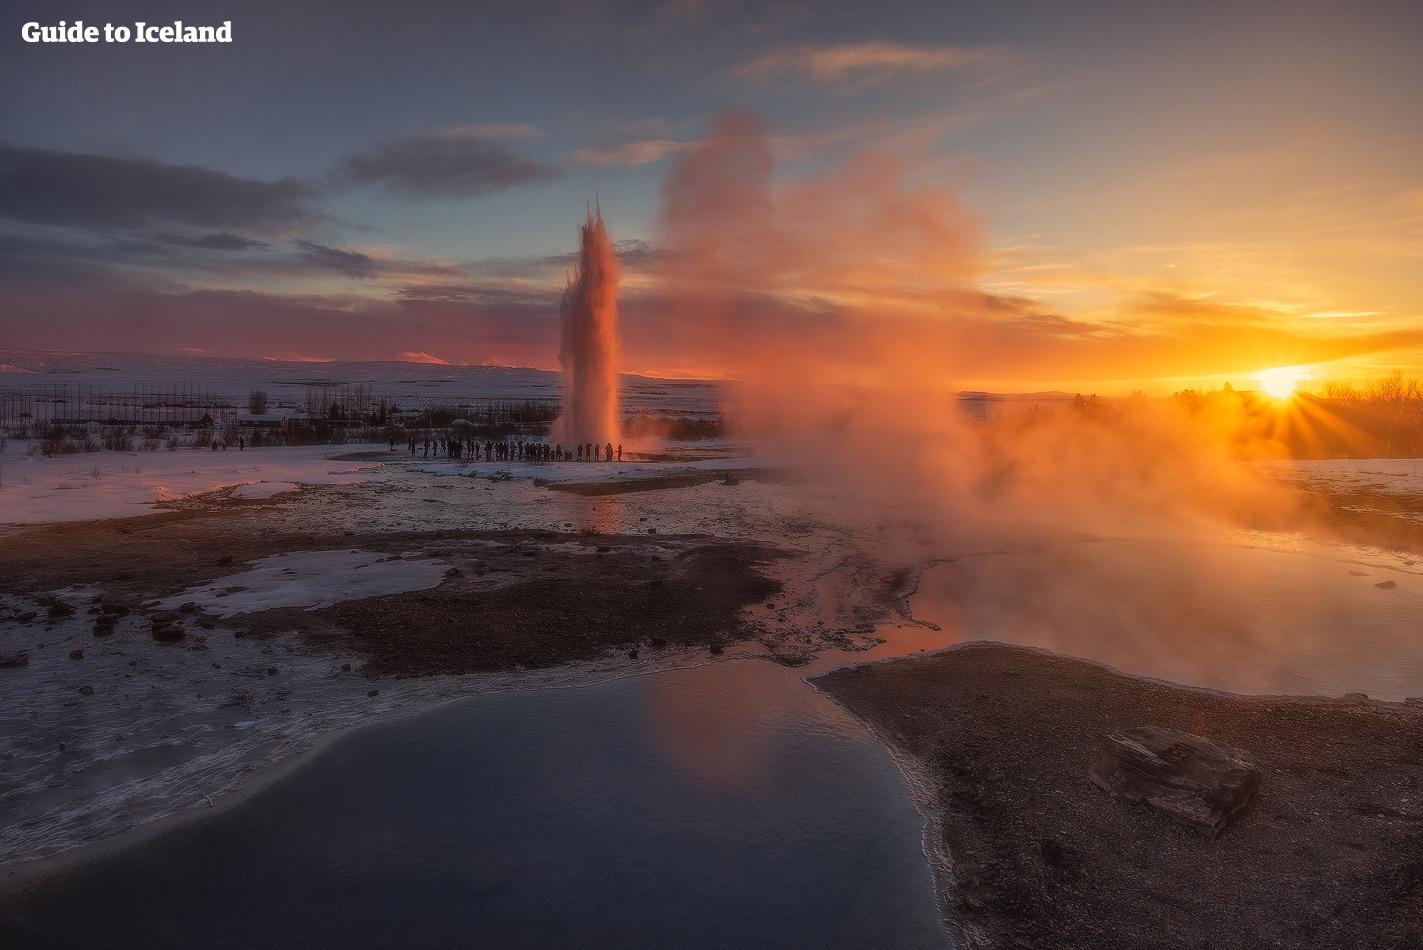 冰岛冬季的日照虽短,但却让日照有了暮光的效果,非常适合拍摄风光大片